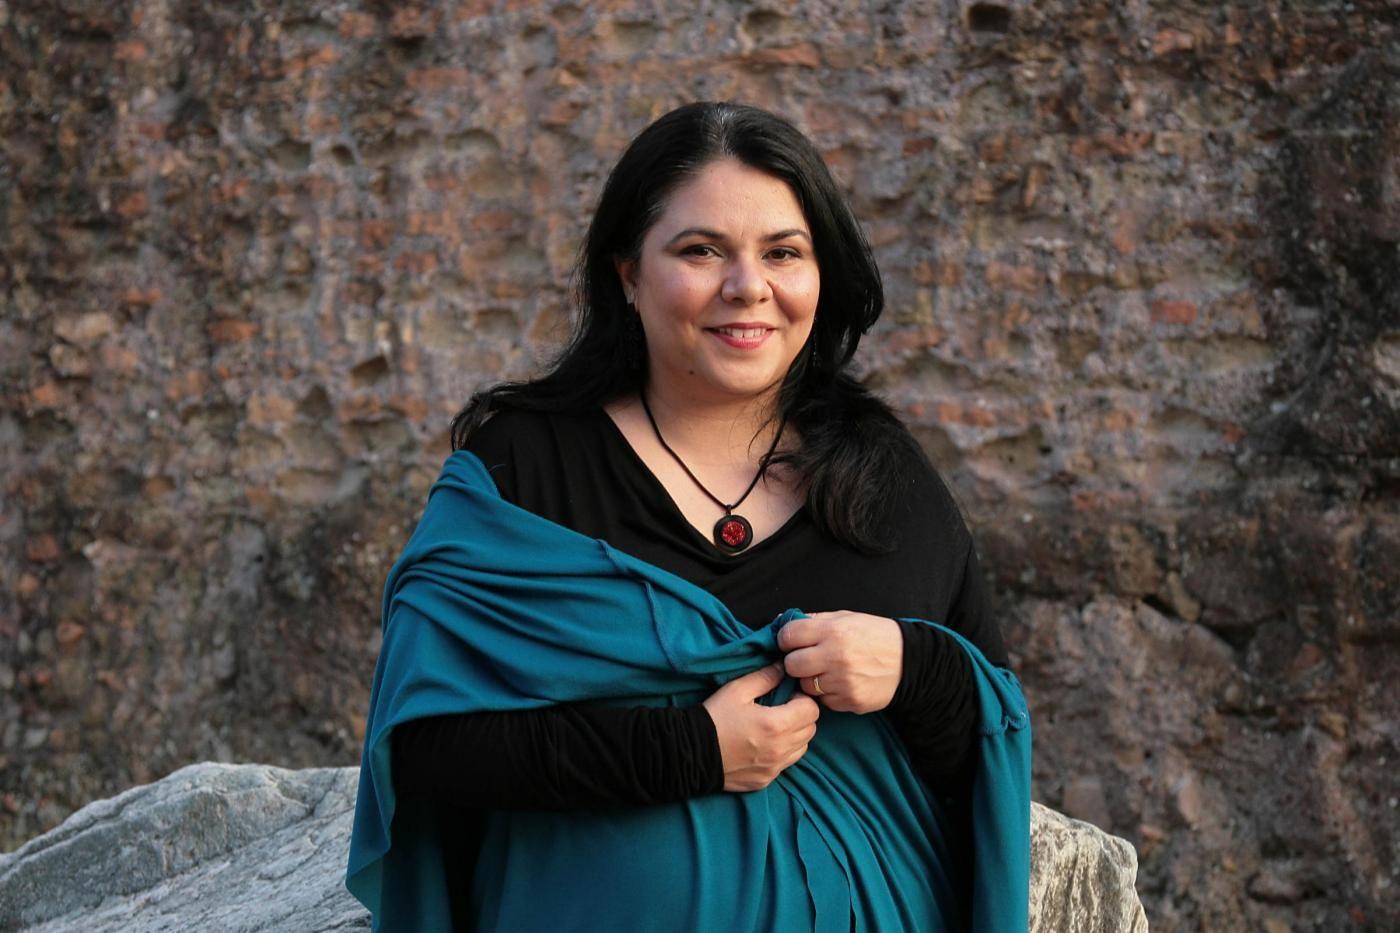 Michela Murgia (Cabras, 3 giugno 1972) è una scrittrice italiana. Ha  scritto varie cose, la più famosa: